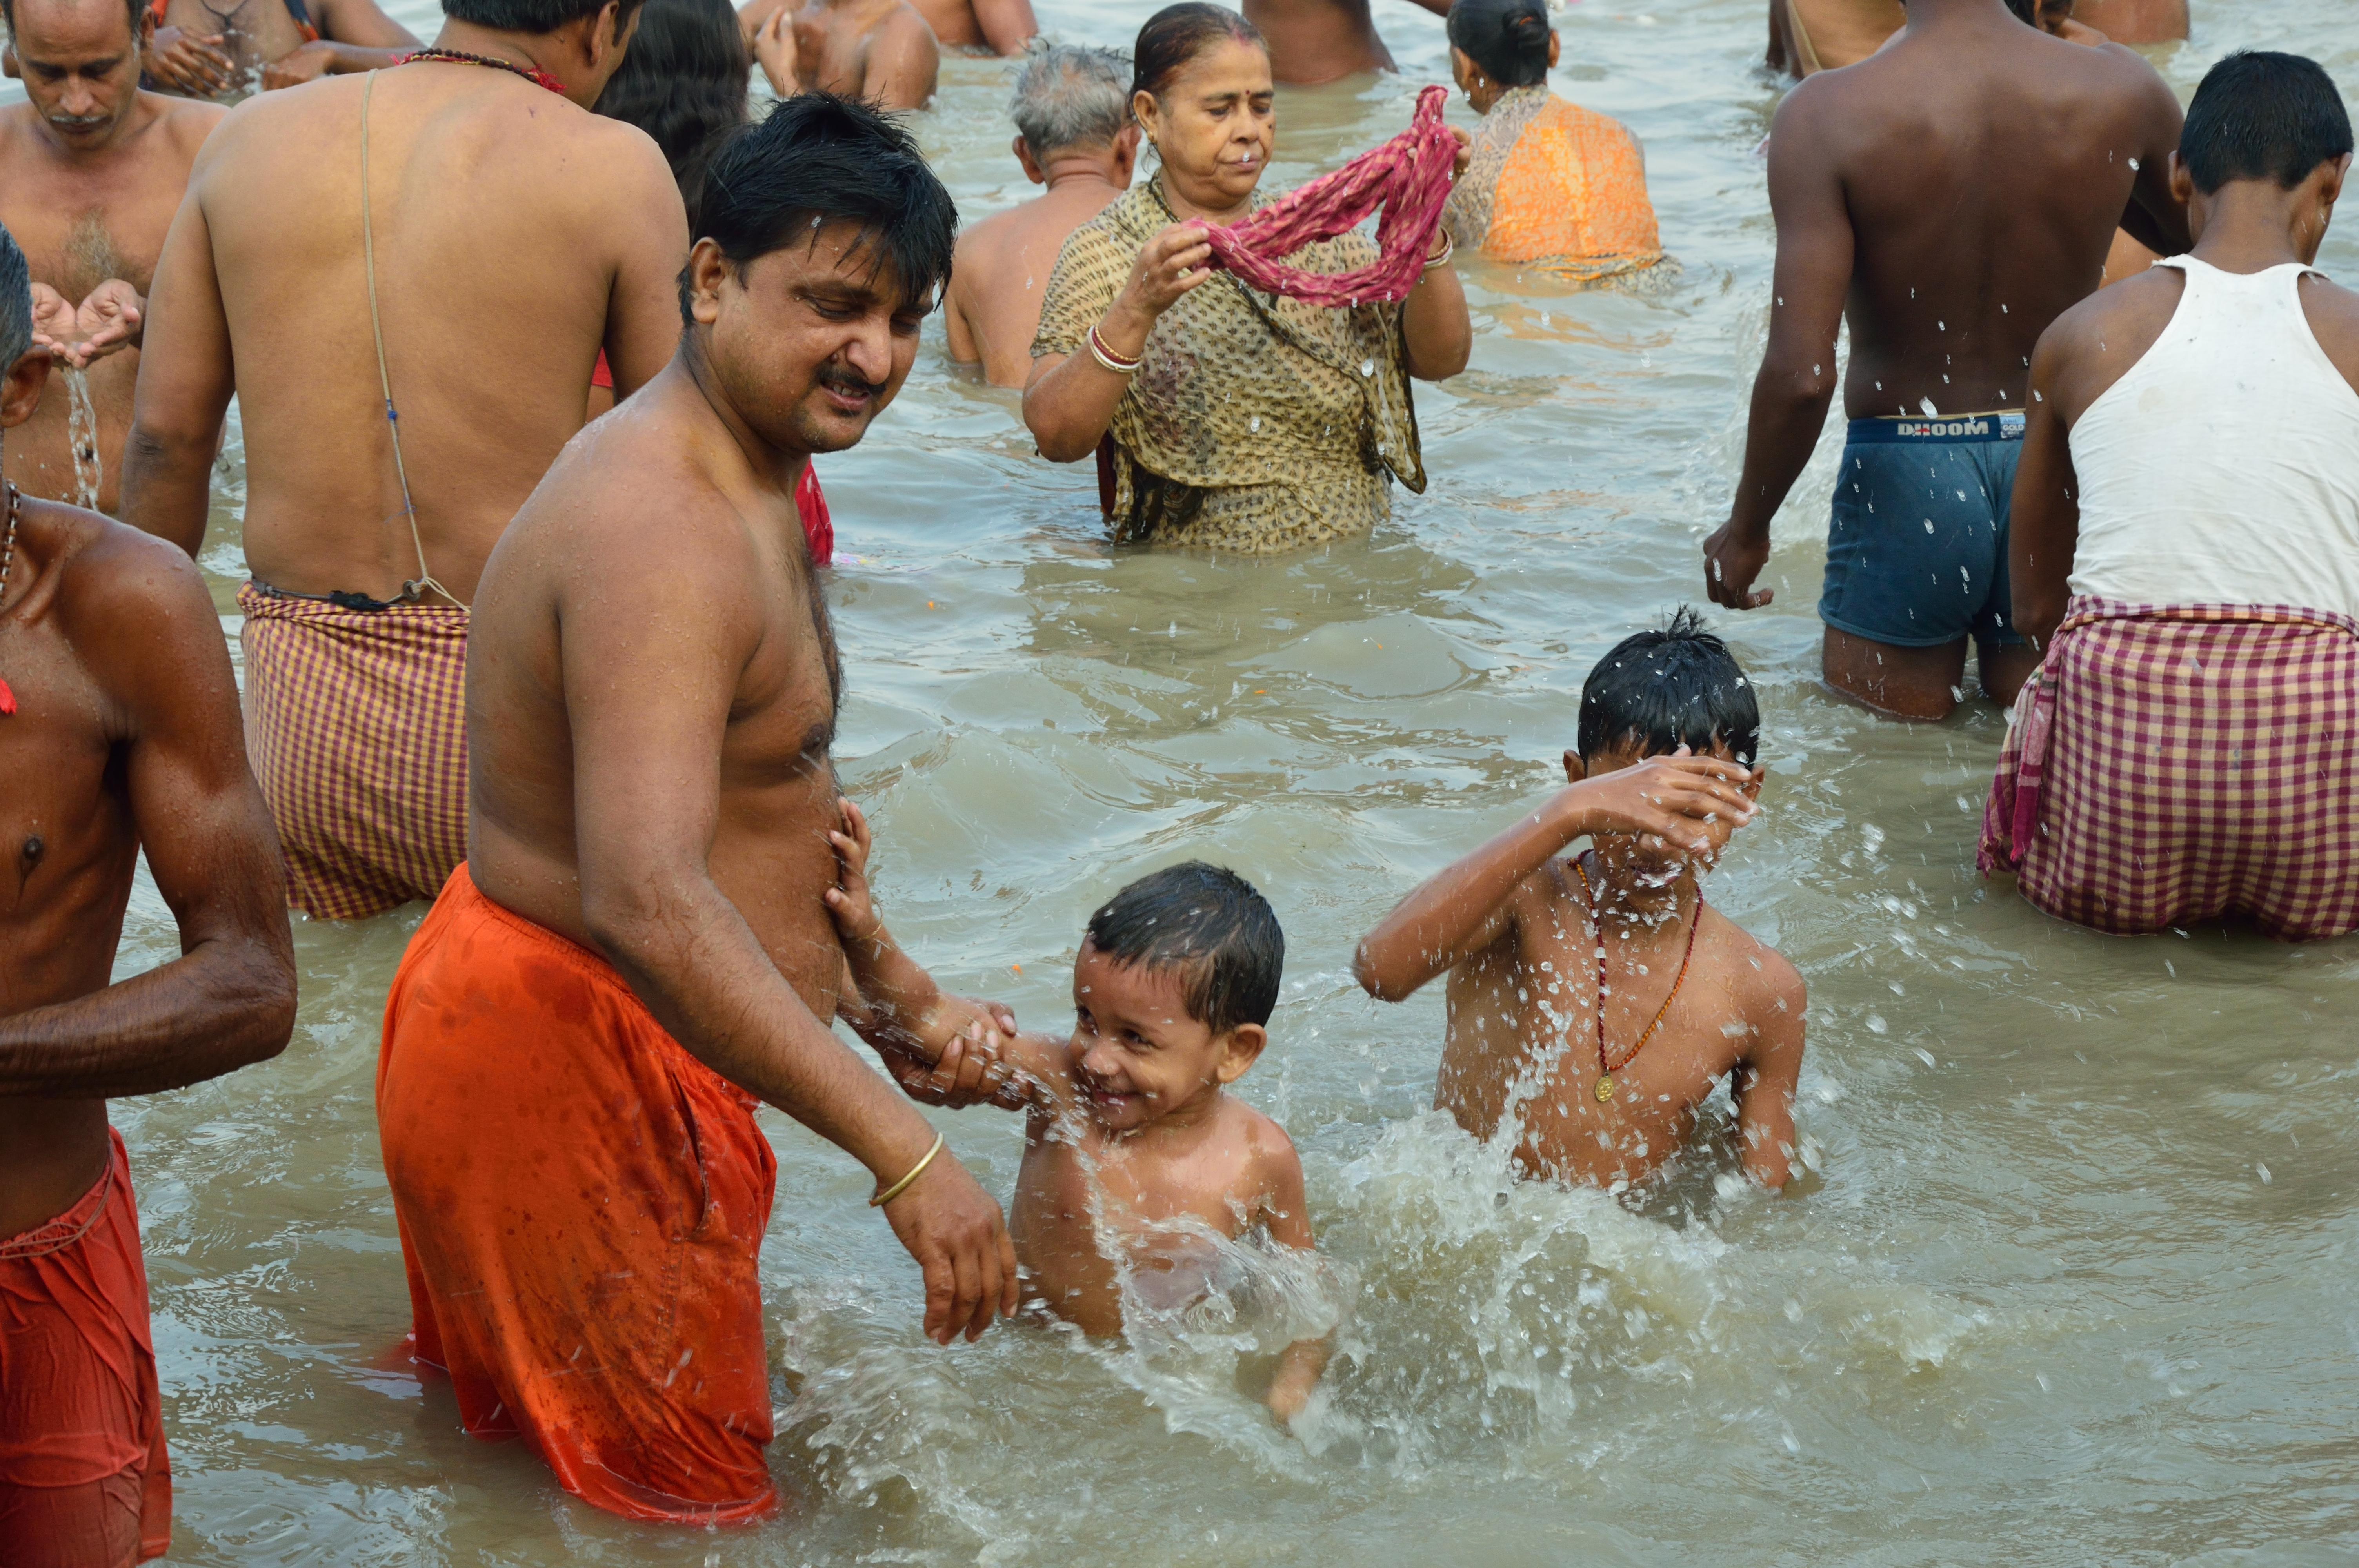 File Holy Bath   Jagannath Ghat   Kolkata 2012 10 15 0659. File Holy Bath   Jagannath Ghat   Kolkata 2012 10 15 0659 JPG